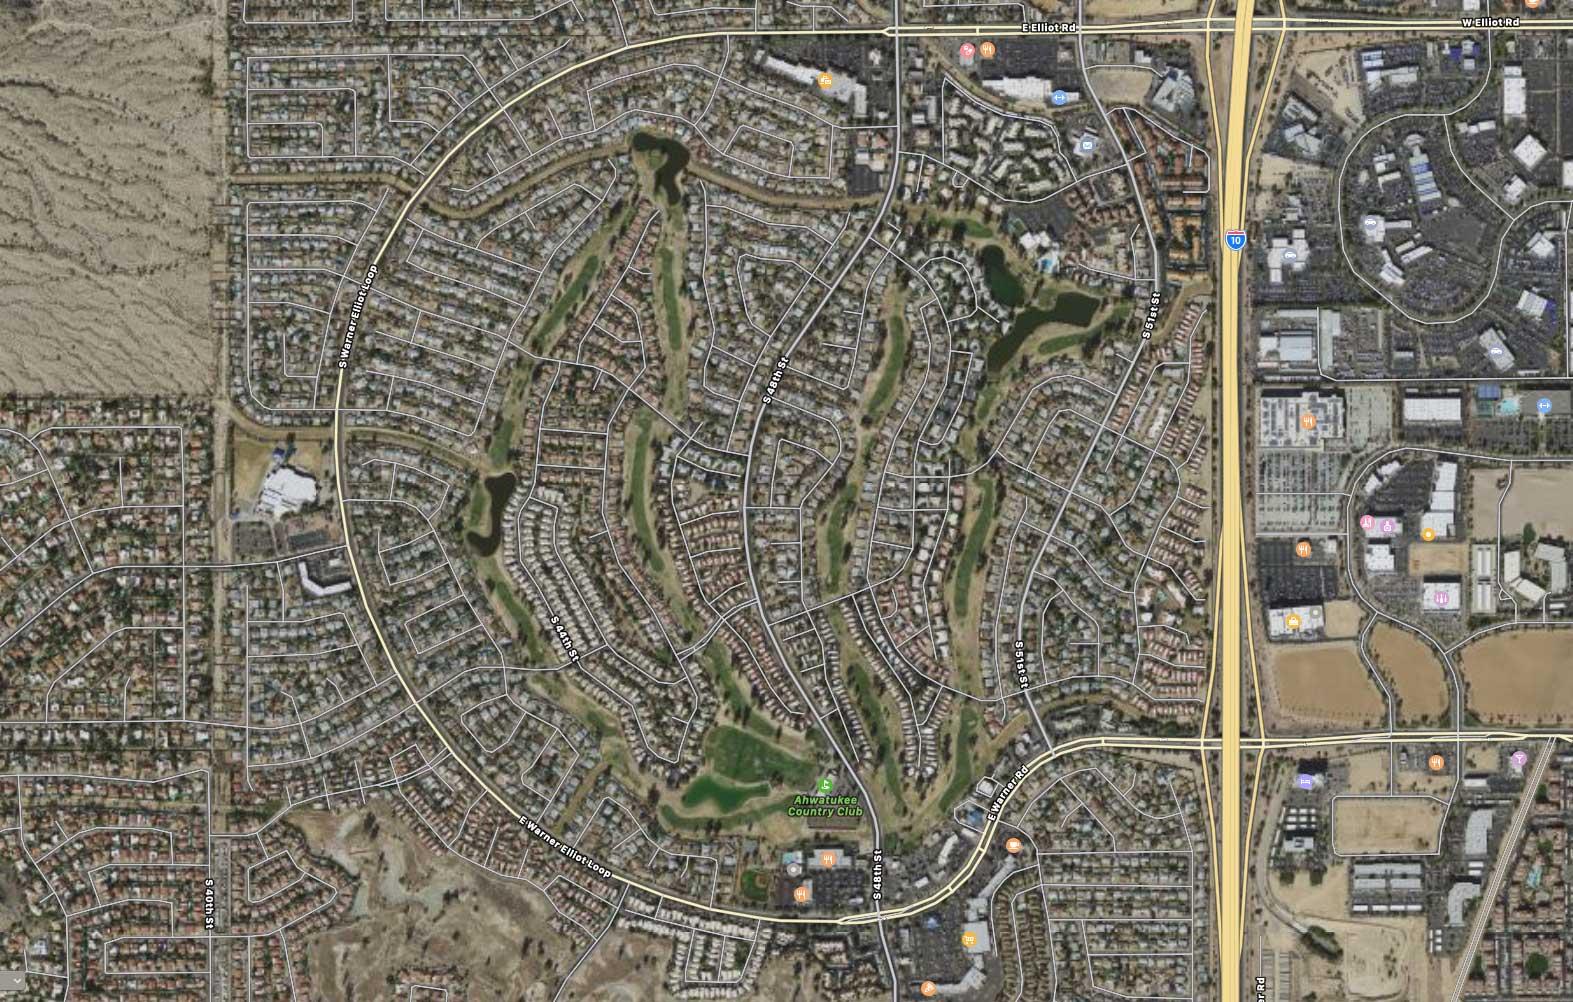 Failing golf communities not on par with neighborhoods